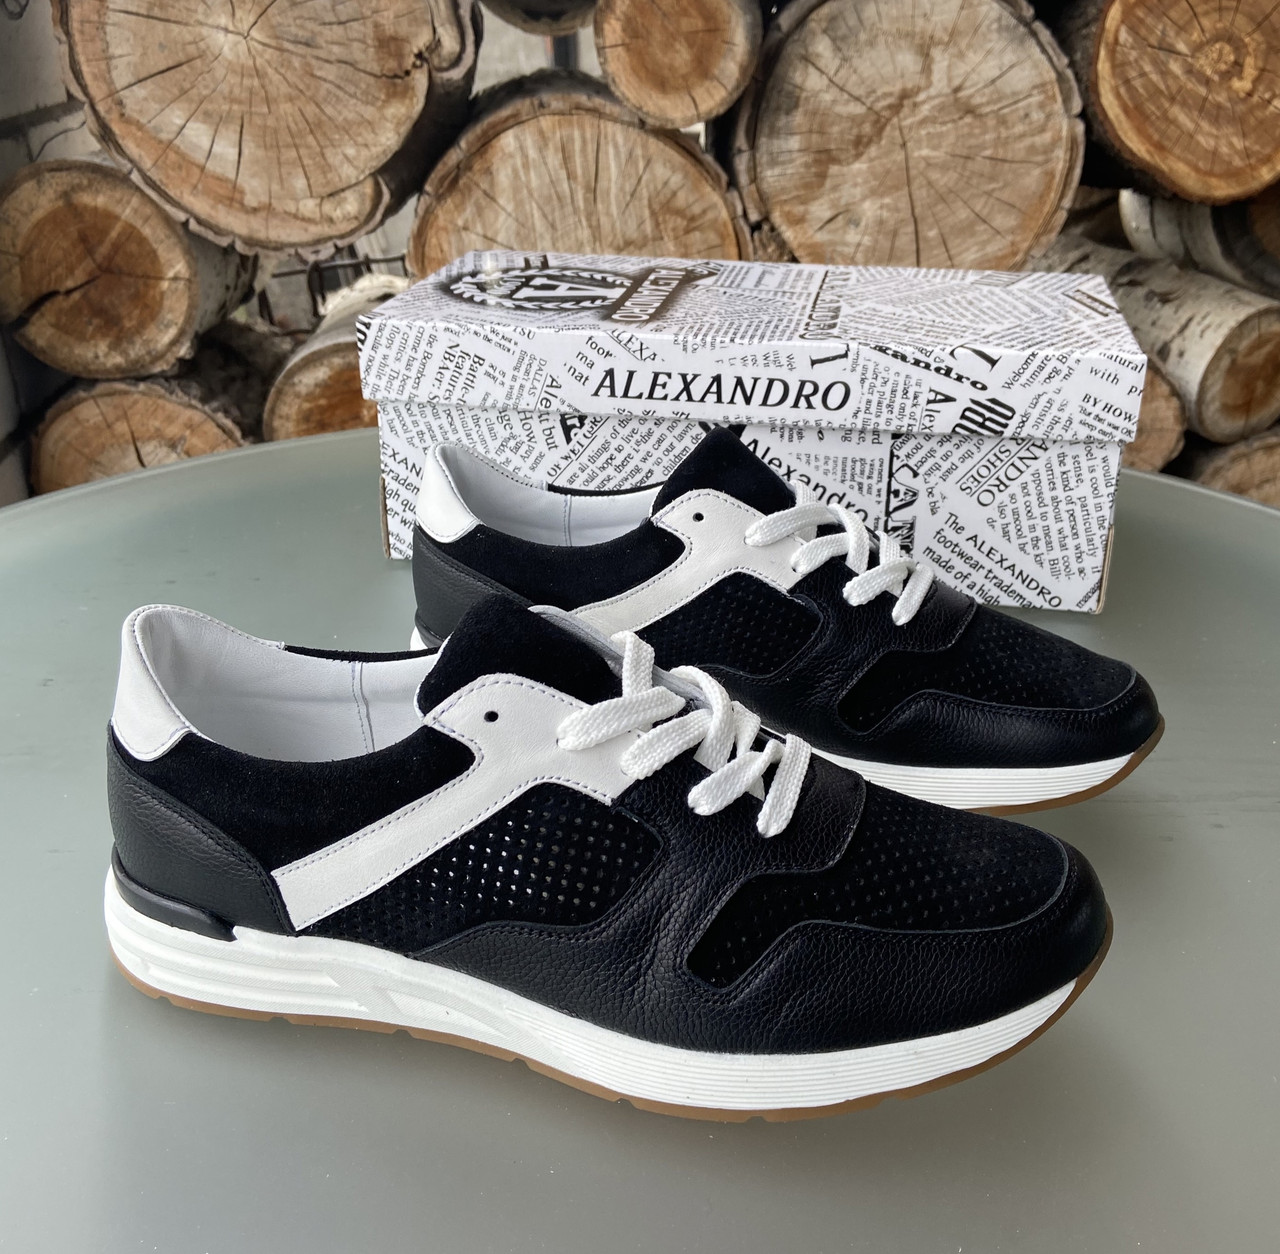 Мужские перфорированные кроссовки alexandro натуральная кожа 41